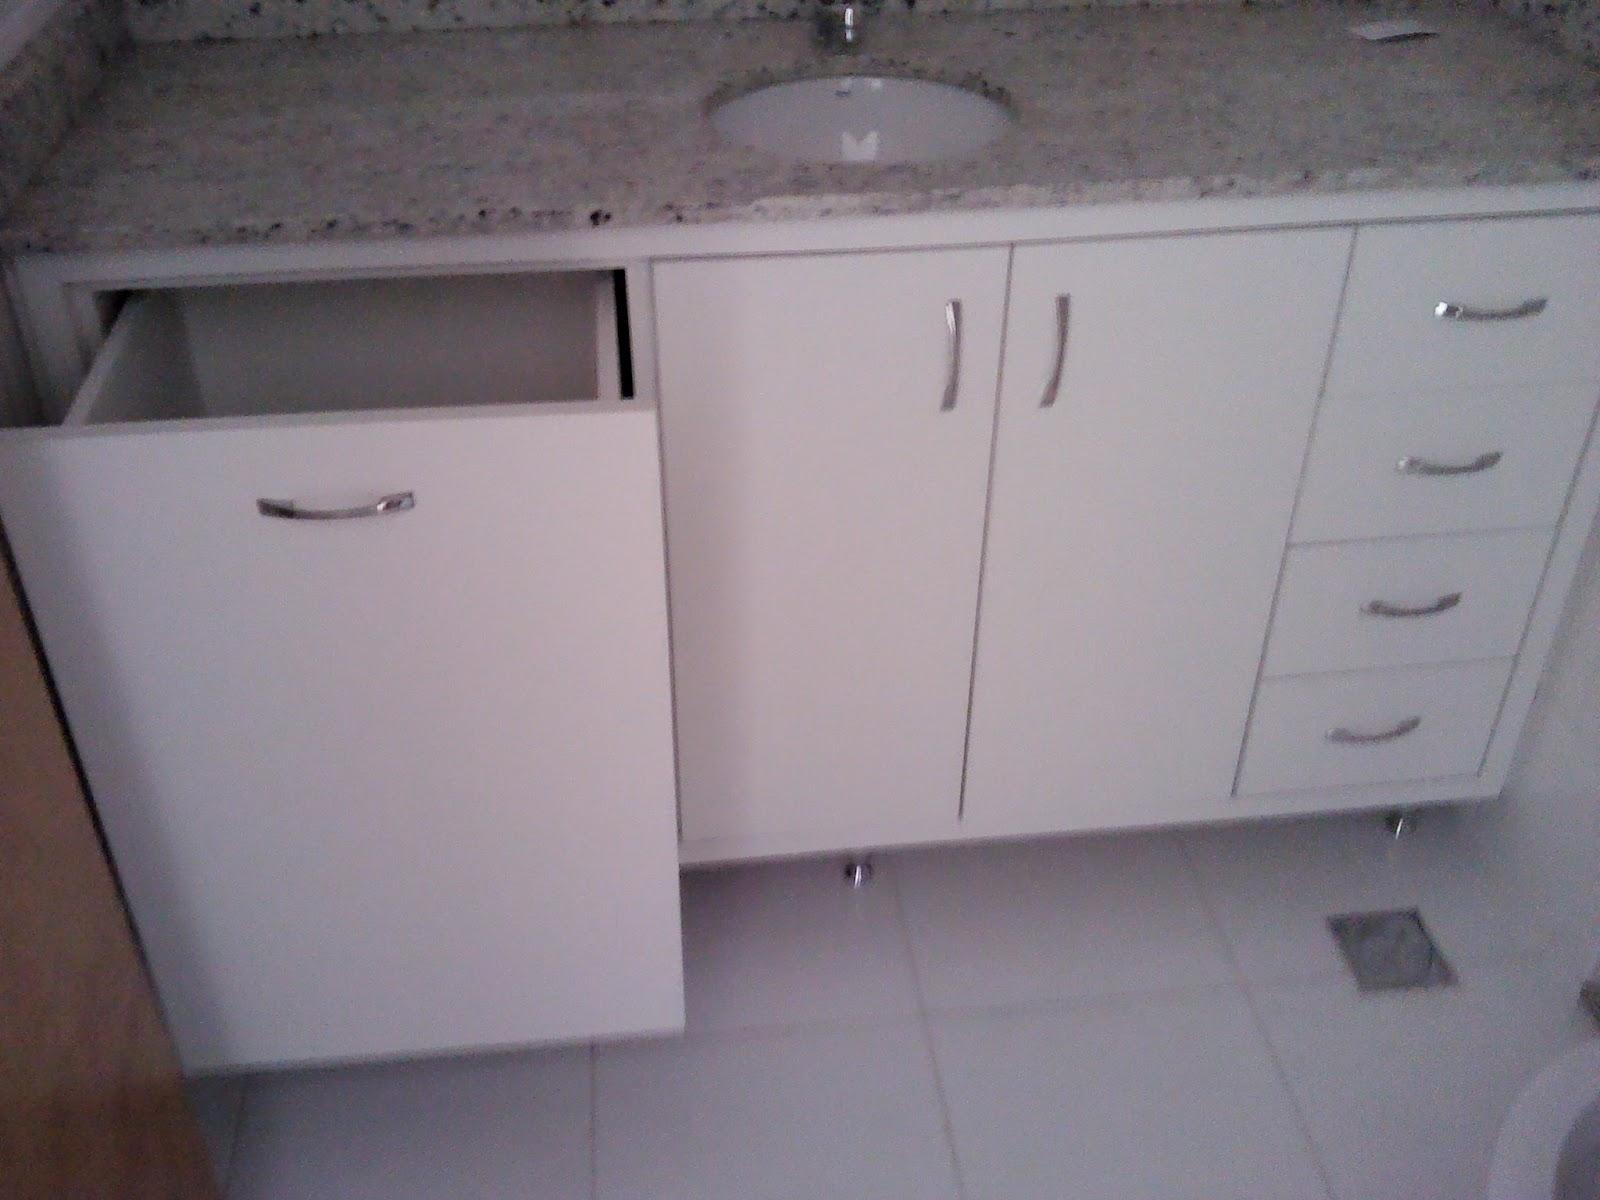 JDC MÓVEIS PLANEJADOS: KITNET COM ARMÁRIOS PLANEJADOS #594949 1600x1200 Banheiro Armario Pia